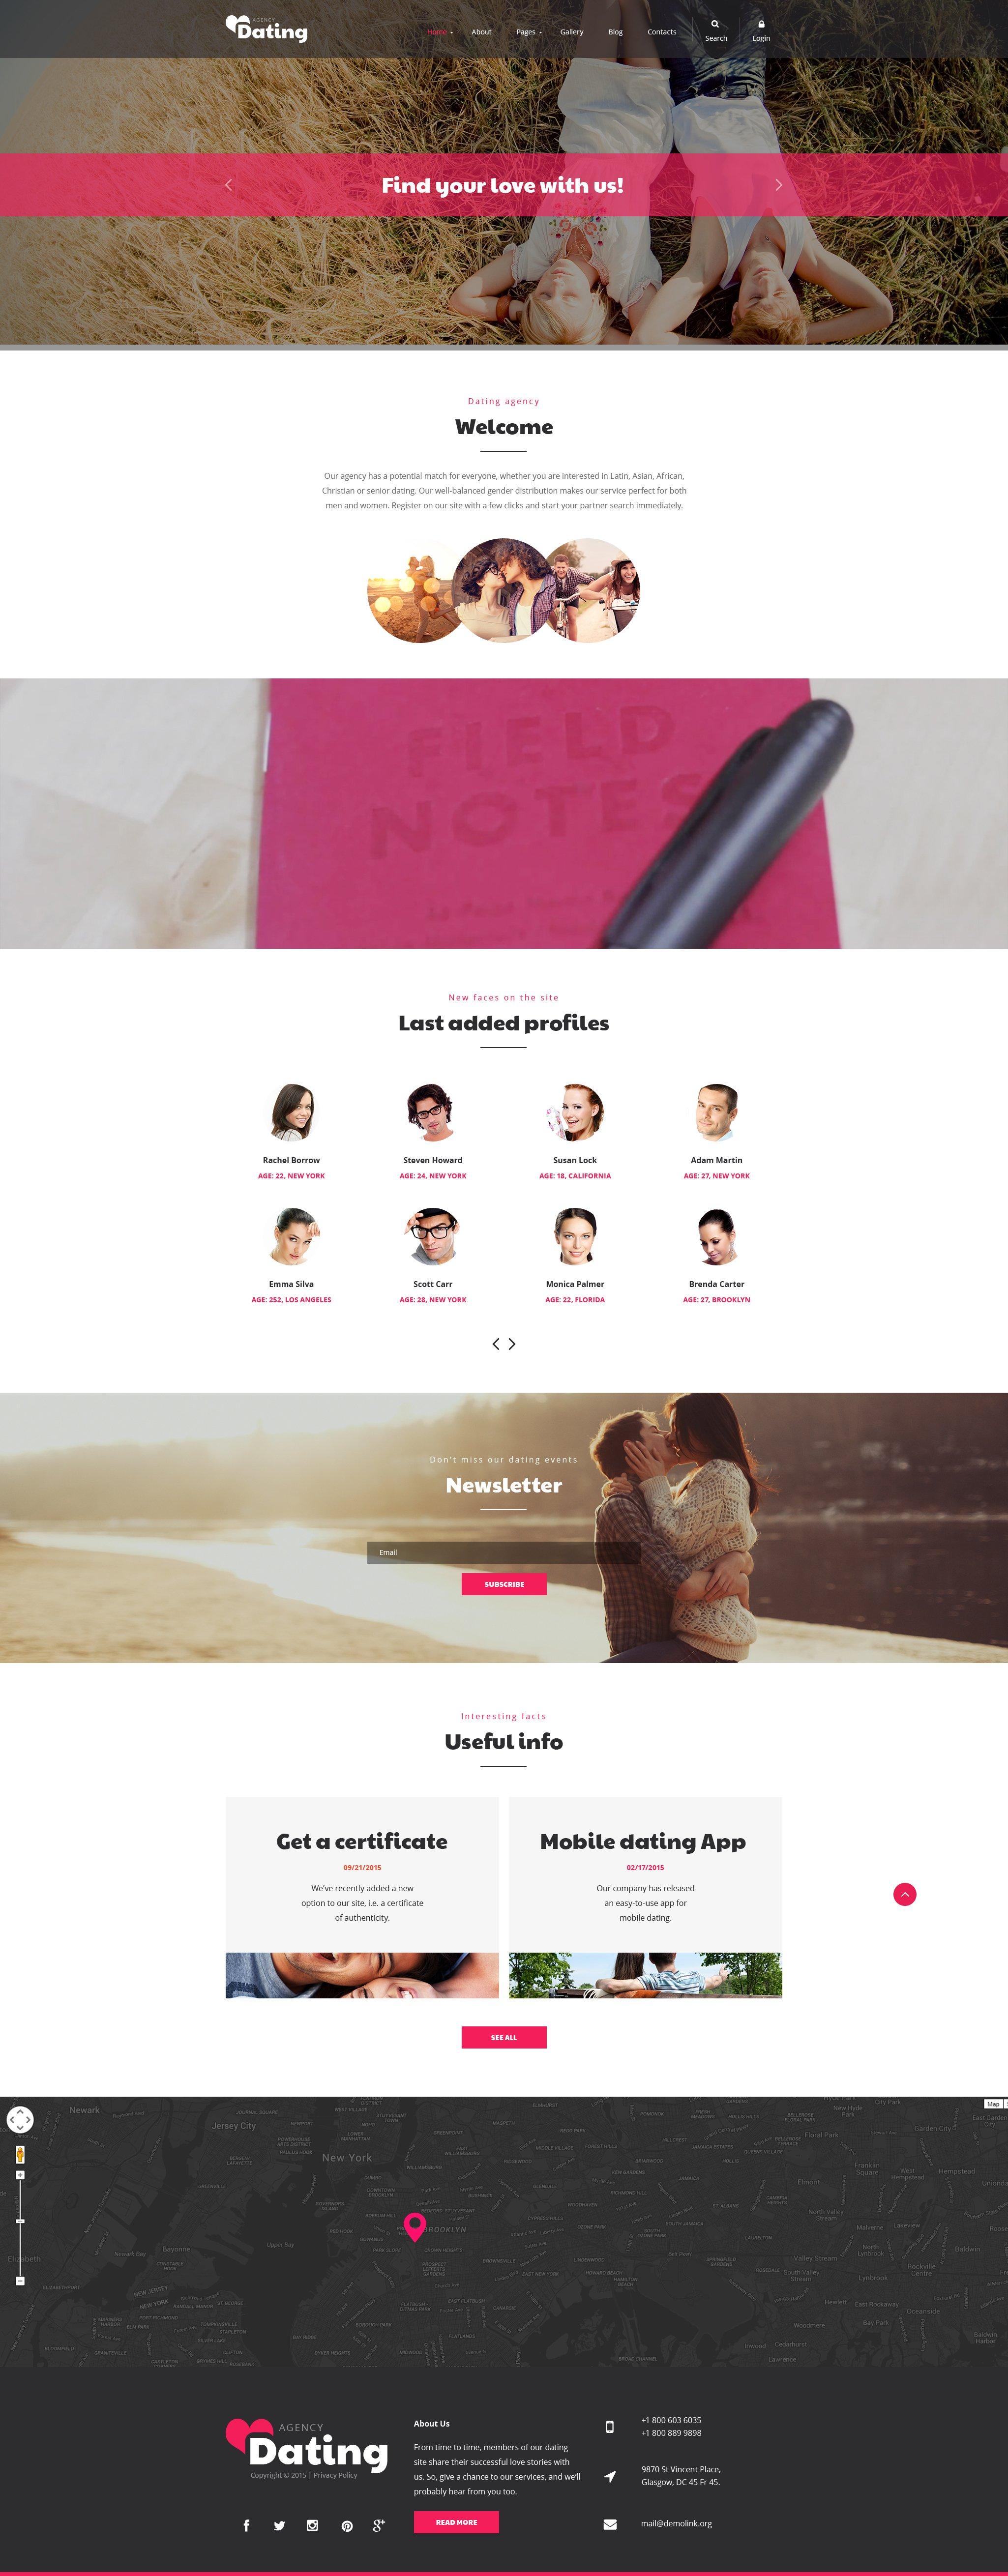 Interrassisches Paar Dating-Website